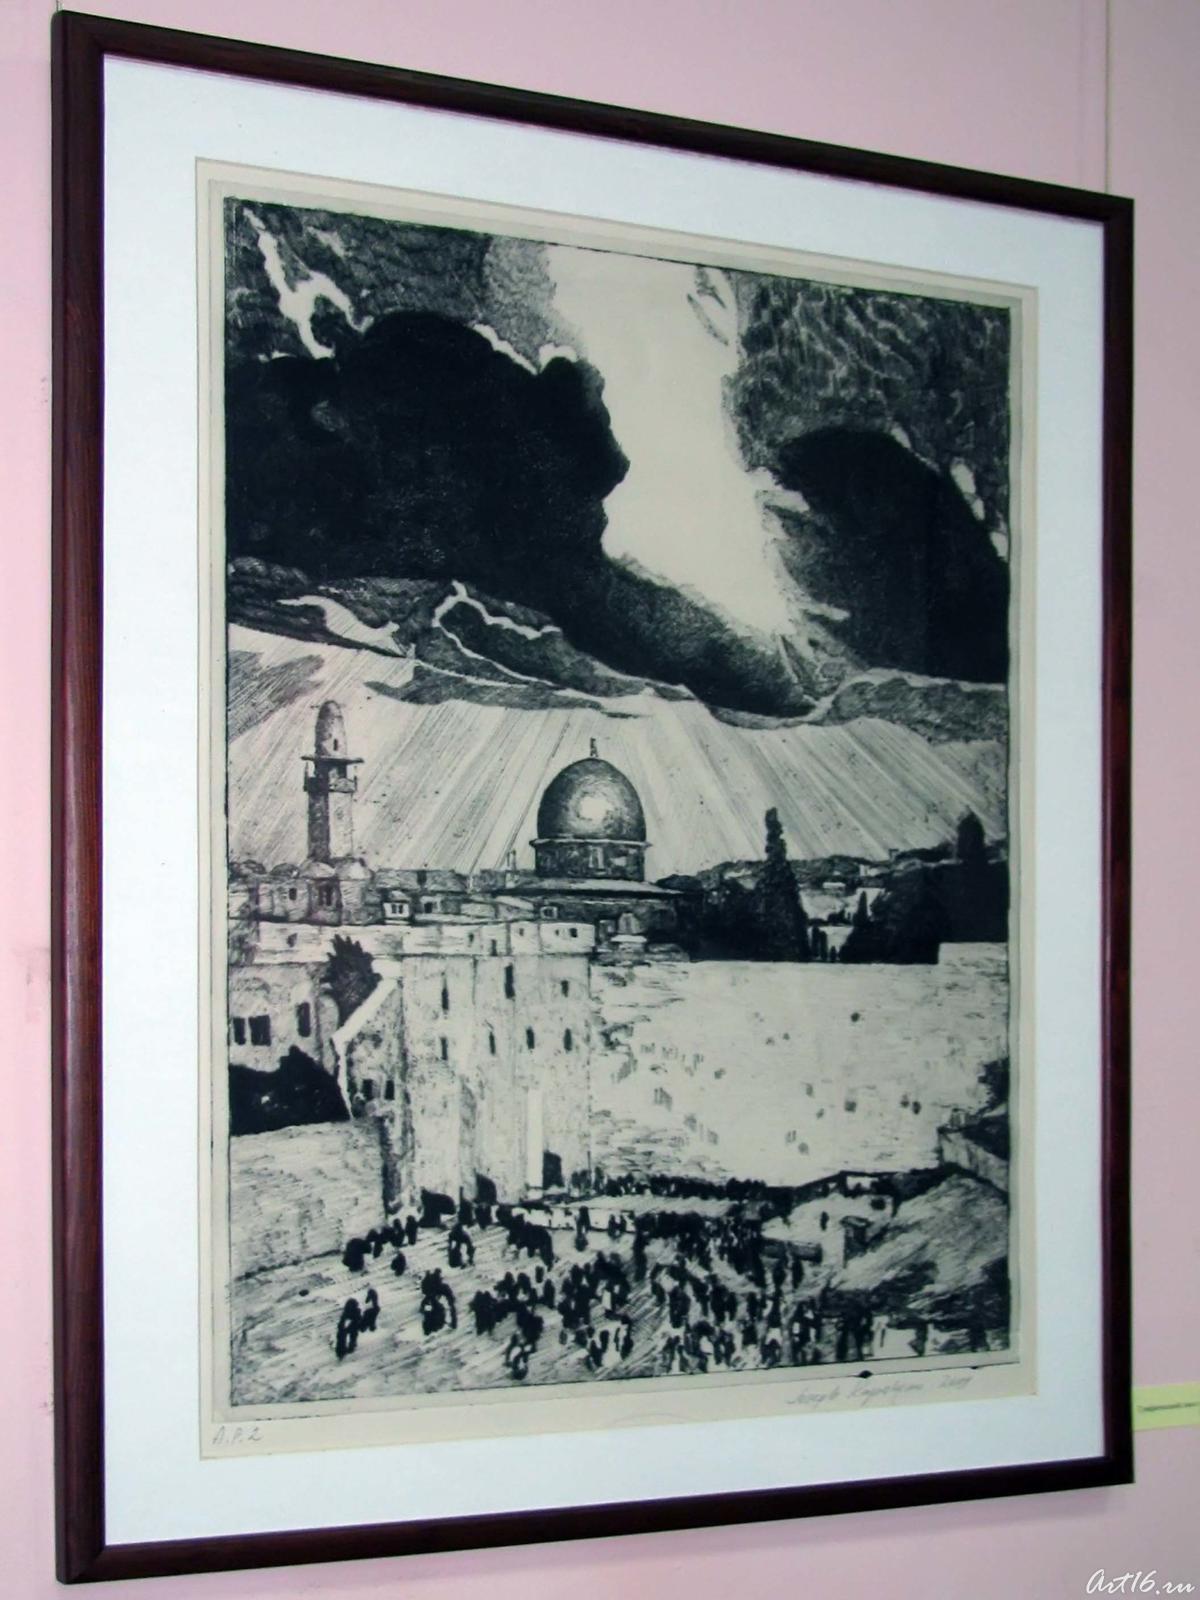 Фото №58192. Графический лист из серии ''Старый Иерусалим'' (1)